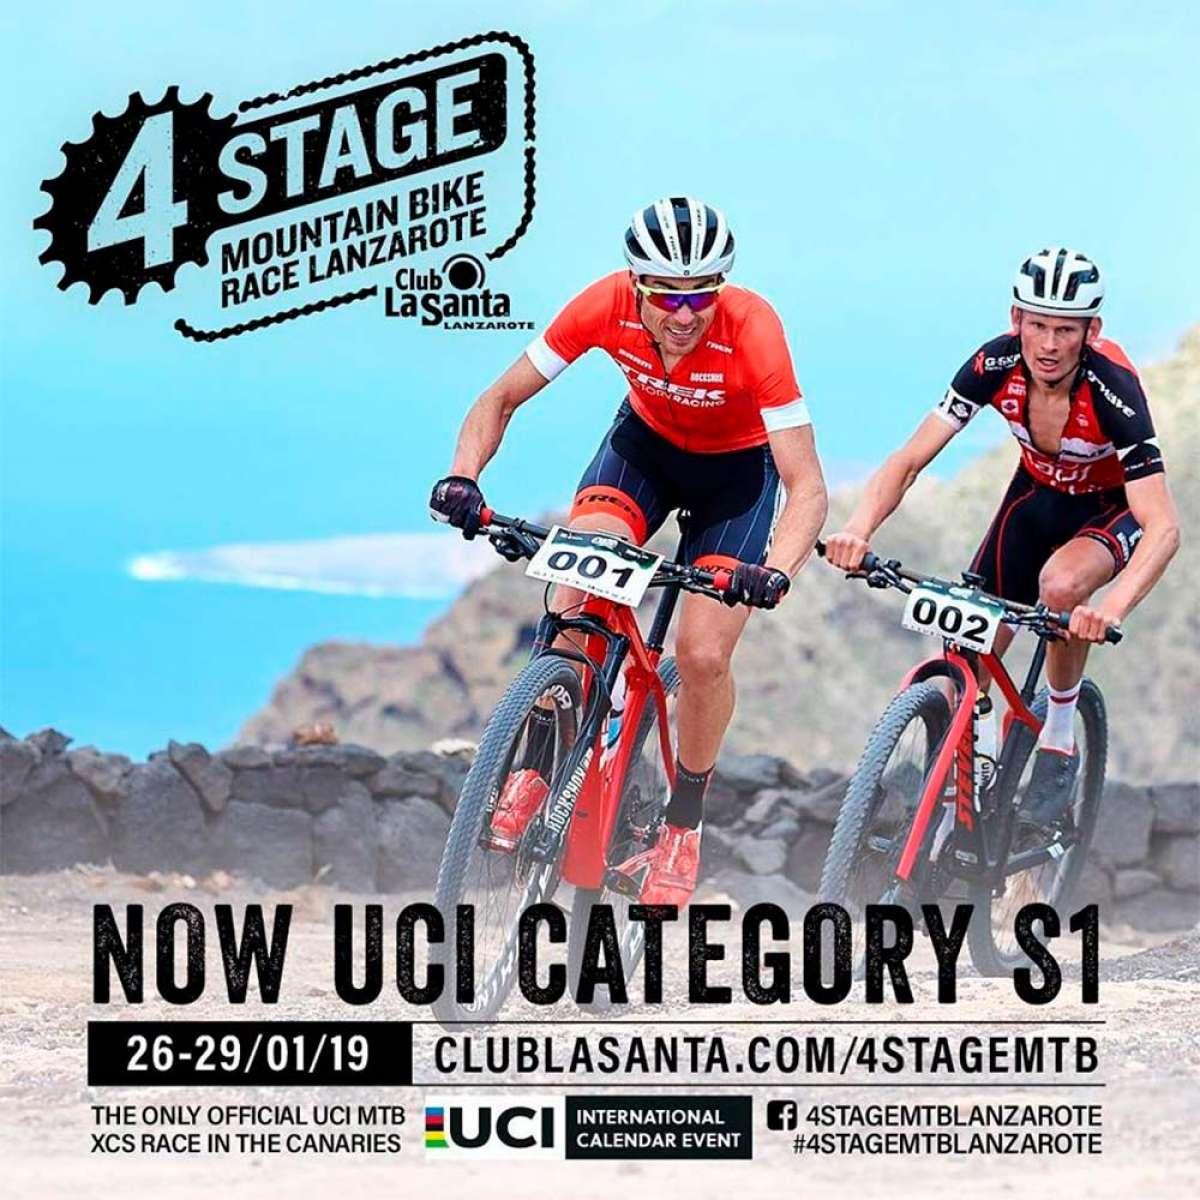 La Club La Santa 4 Stage MTB Race Lanzarote estrena la categoría UCI S1 en su edición de 2019